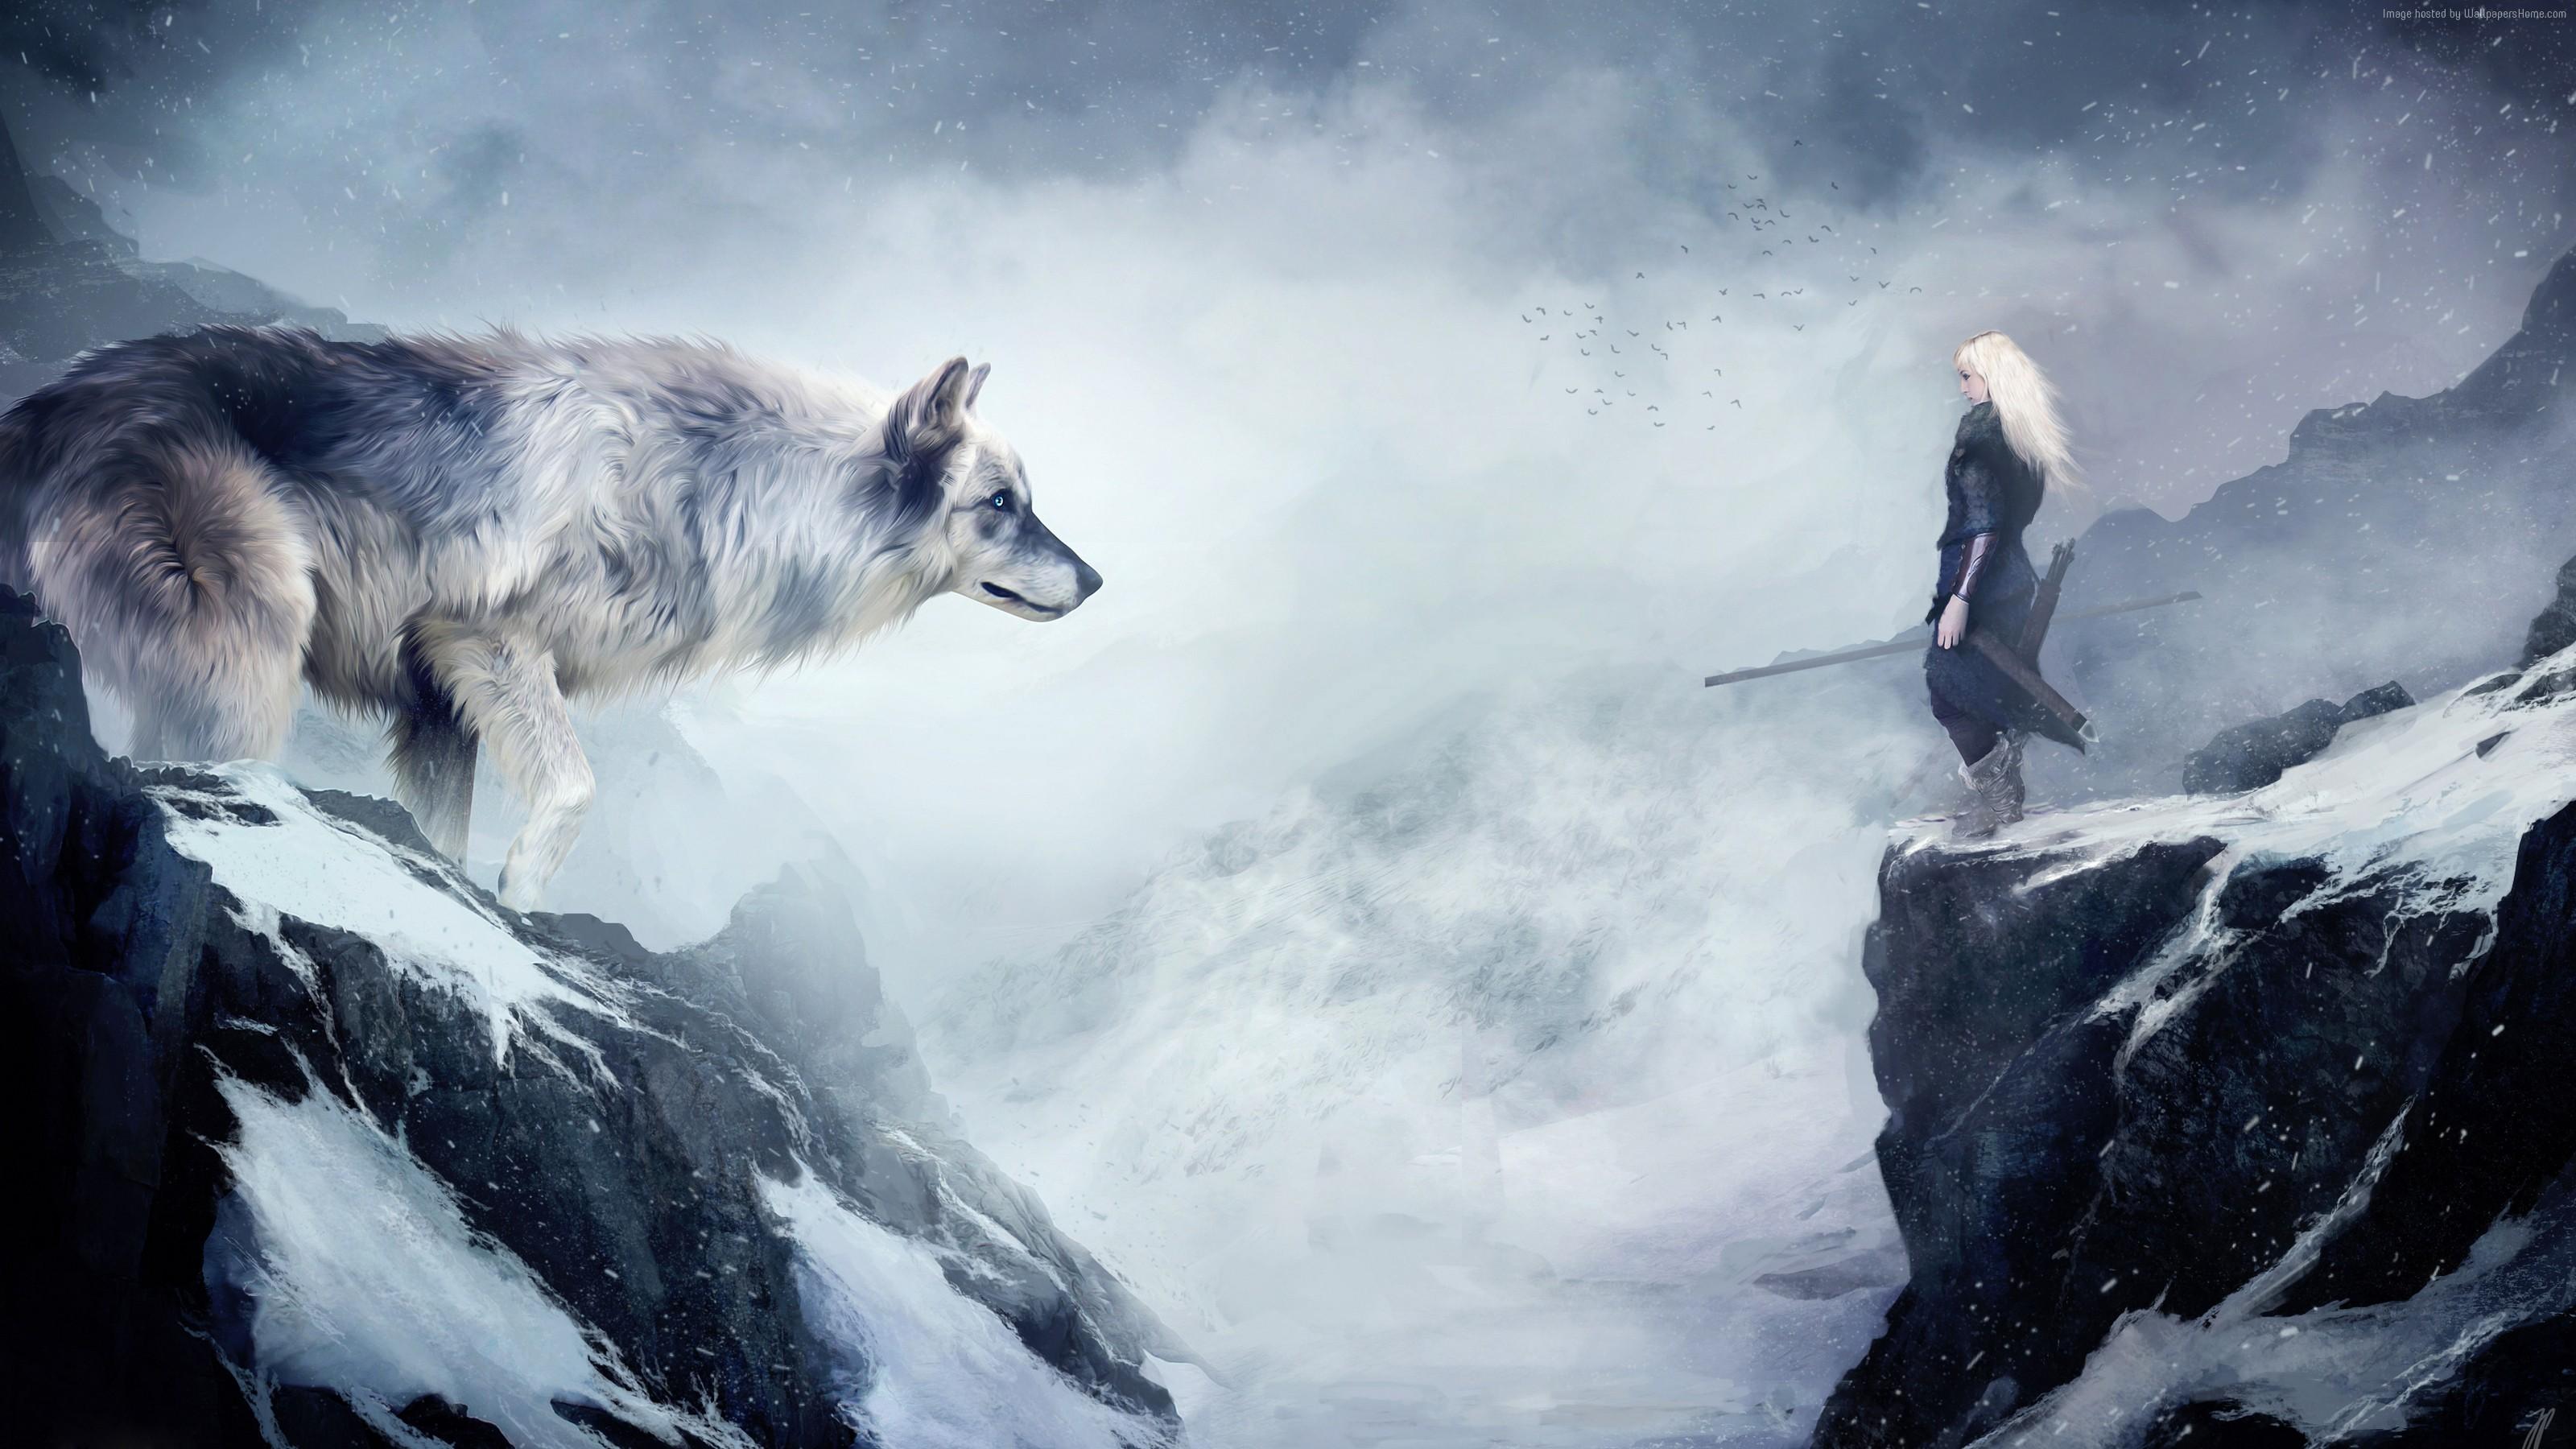 4K Wolf Wallpaper - Wa...